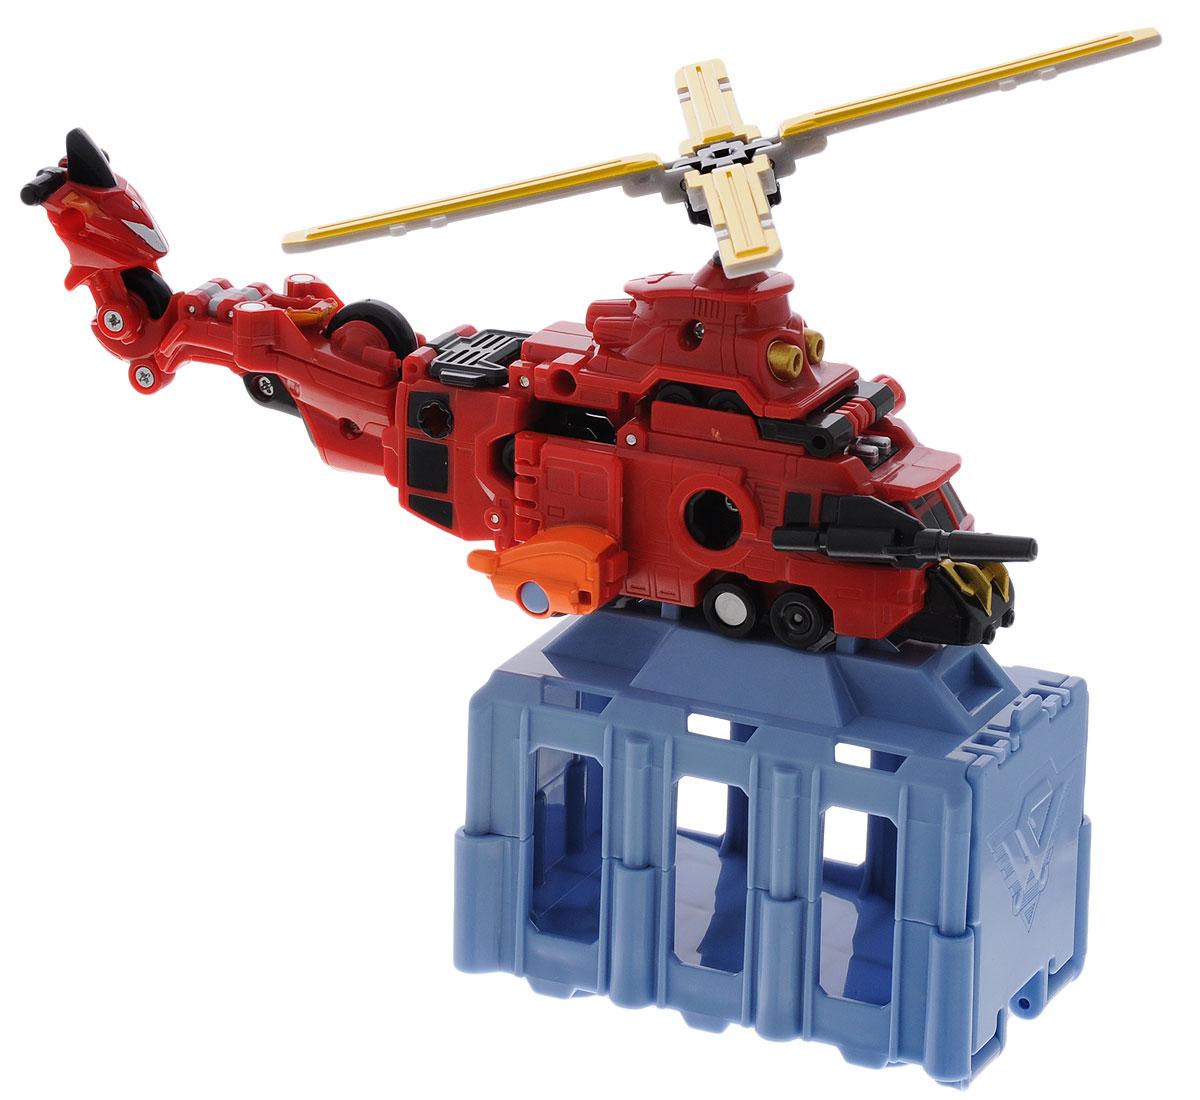 VooV Игровой набор Пожарно-спасательный вертолет84367Защитники Voov - это команда машинок-трансформеров, оборудованных специальными технологиями будущего. Они ежедневно патрулируют улицы города. Игровой набор Voov Пожарно-спасательный вертолет включает в себя пожарный скутер, пожарную машину, пожарную автолестницу, 2 плечевых соединительных элемента, пожарный брандспойт, грузовой контейнер, наклейки и инструкцию на русском языке. Входящие в набор машинки вместе трансформируются в гигантский вертолет. Ваш малыш часами будет играть с этим набором, придумывая различные истории.